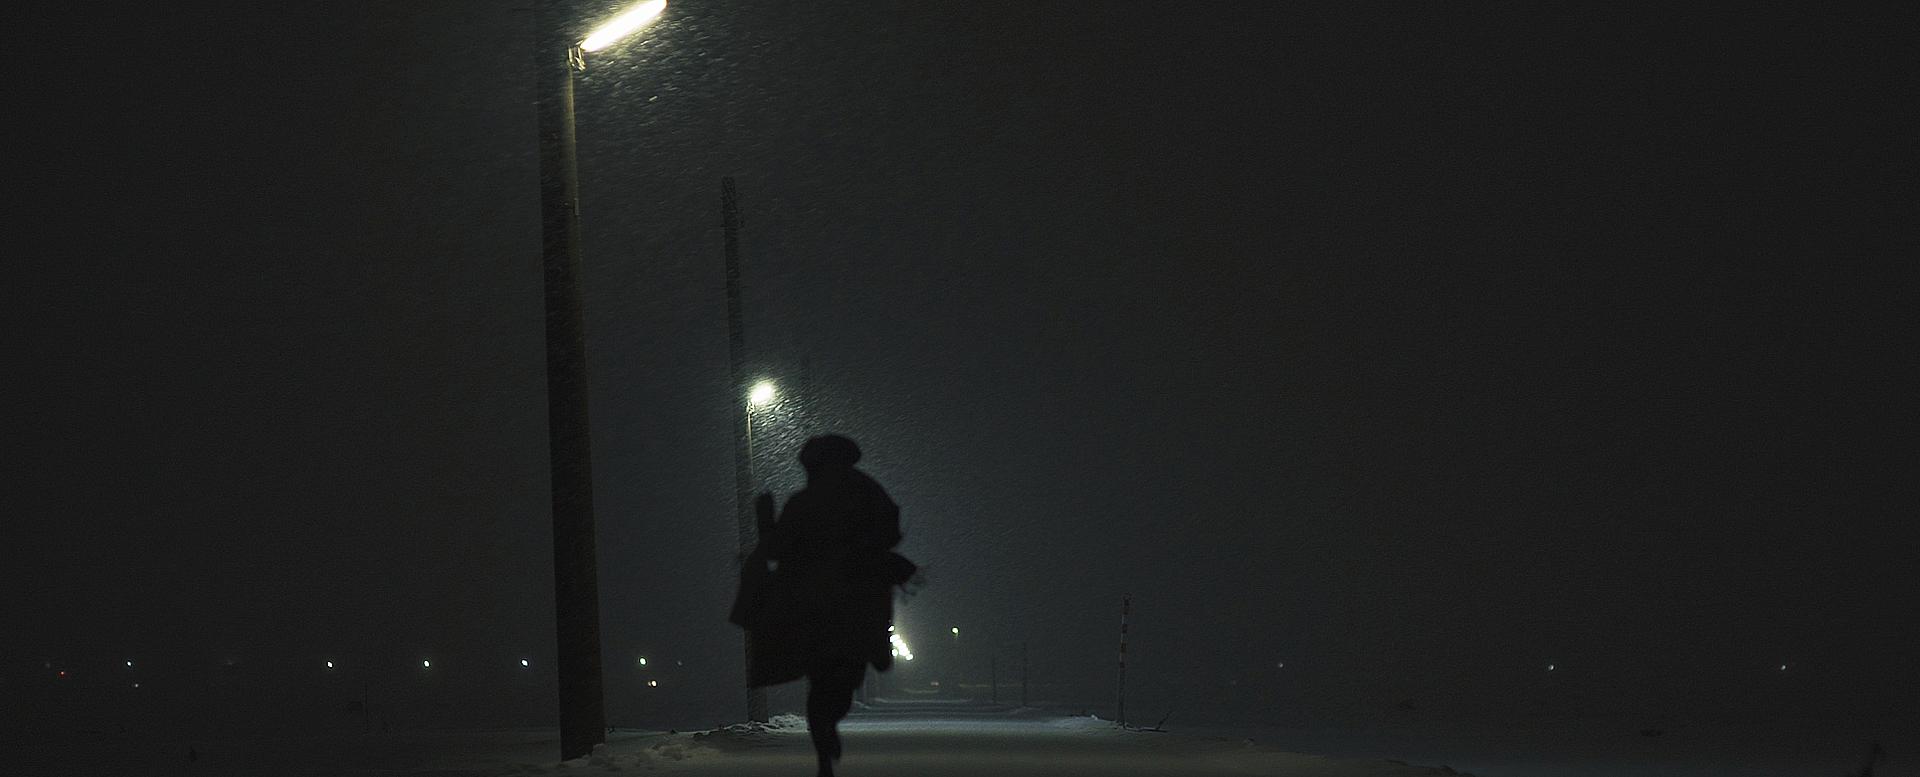 ハモニカ太陽 冬編 予告編.00_00_13_12.Still064.jpg